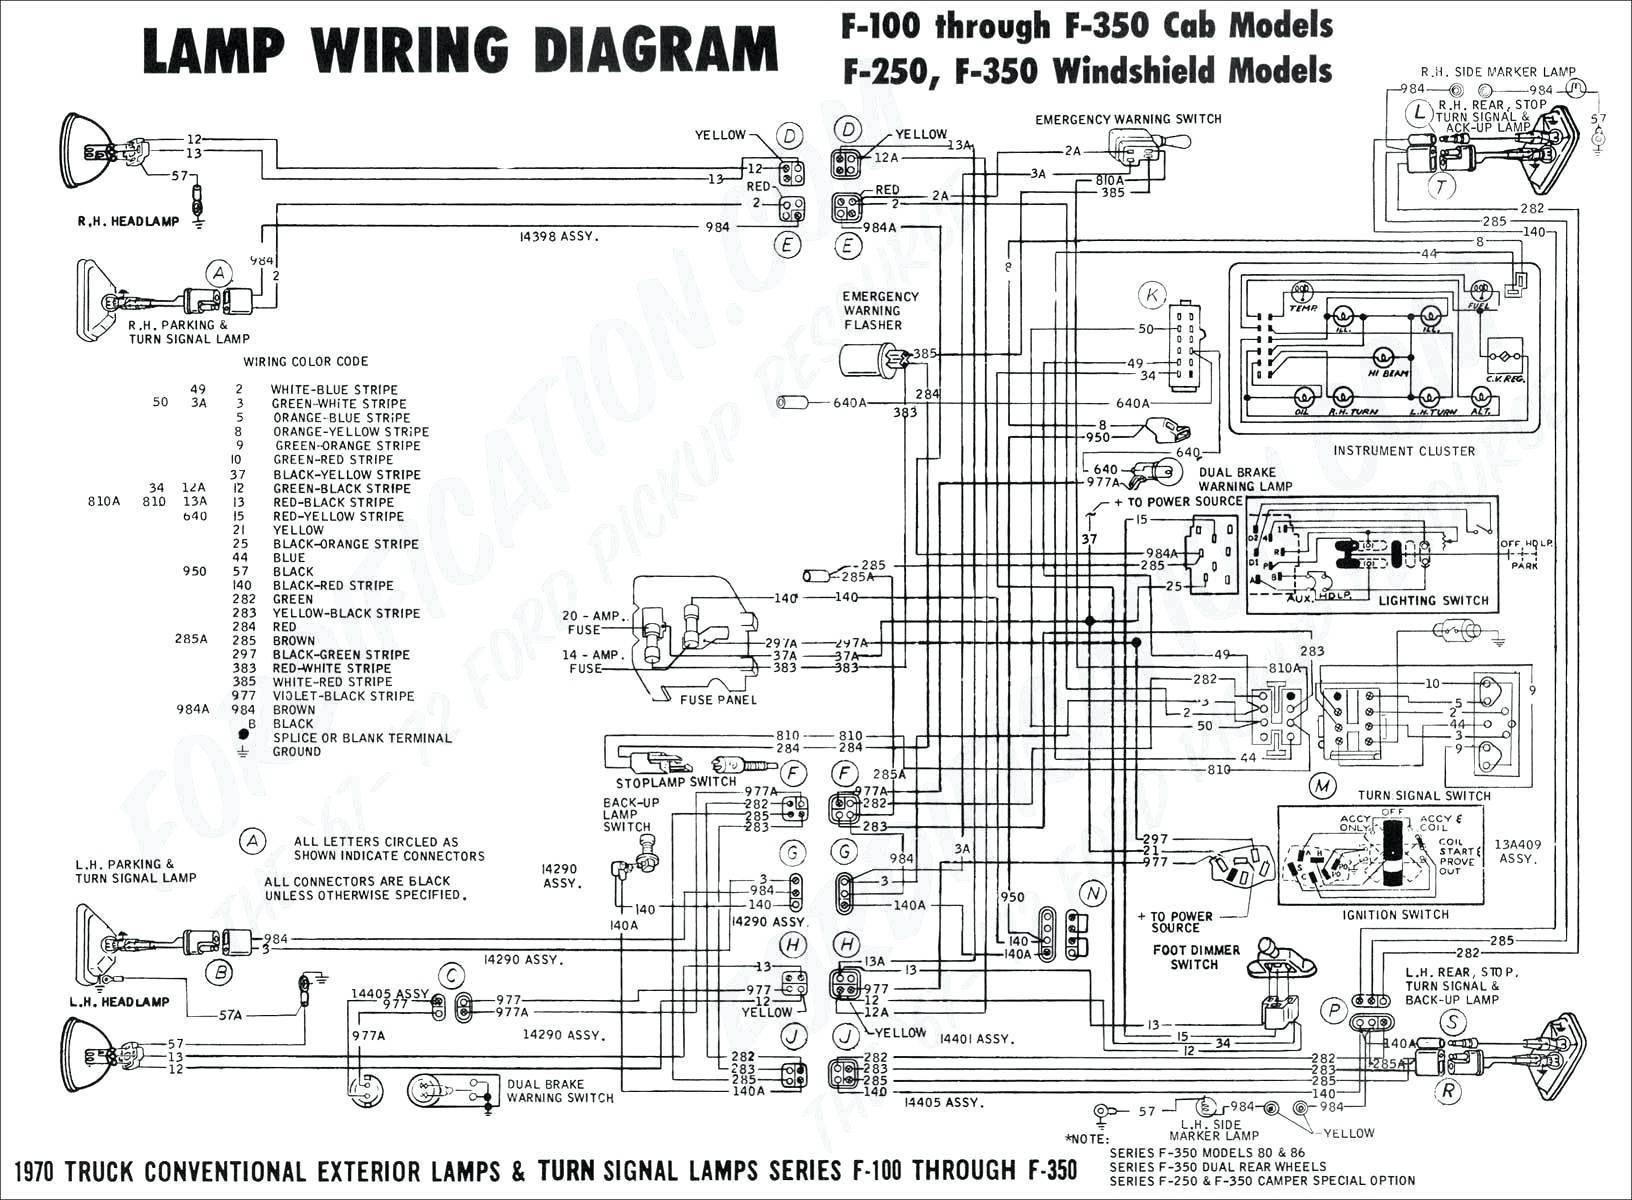 1979 Scirocco Wiring Diagram 67 Mustang Fuse Box Location